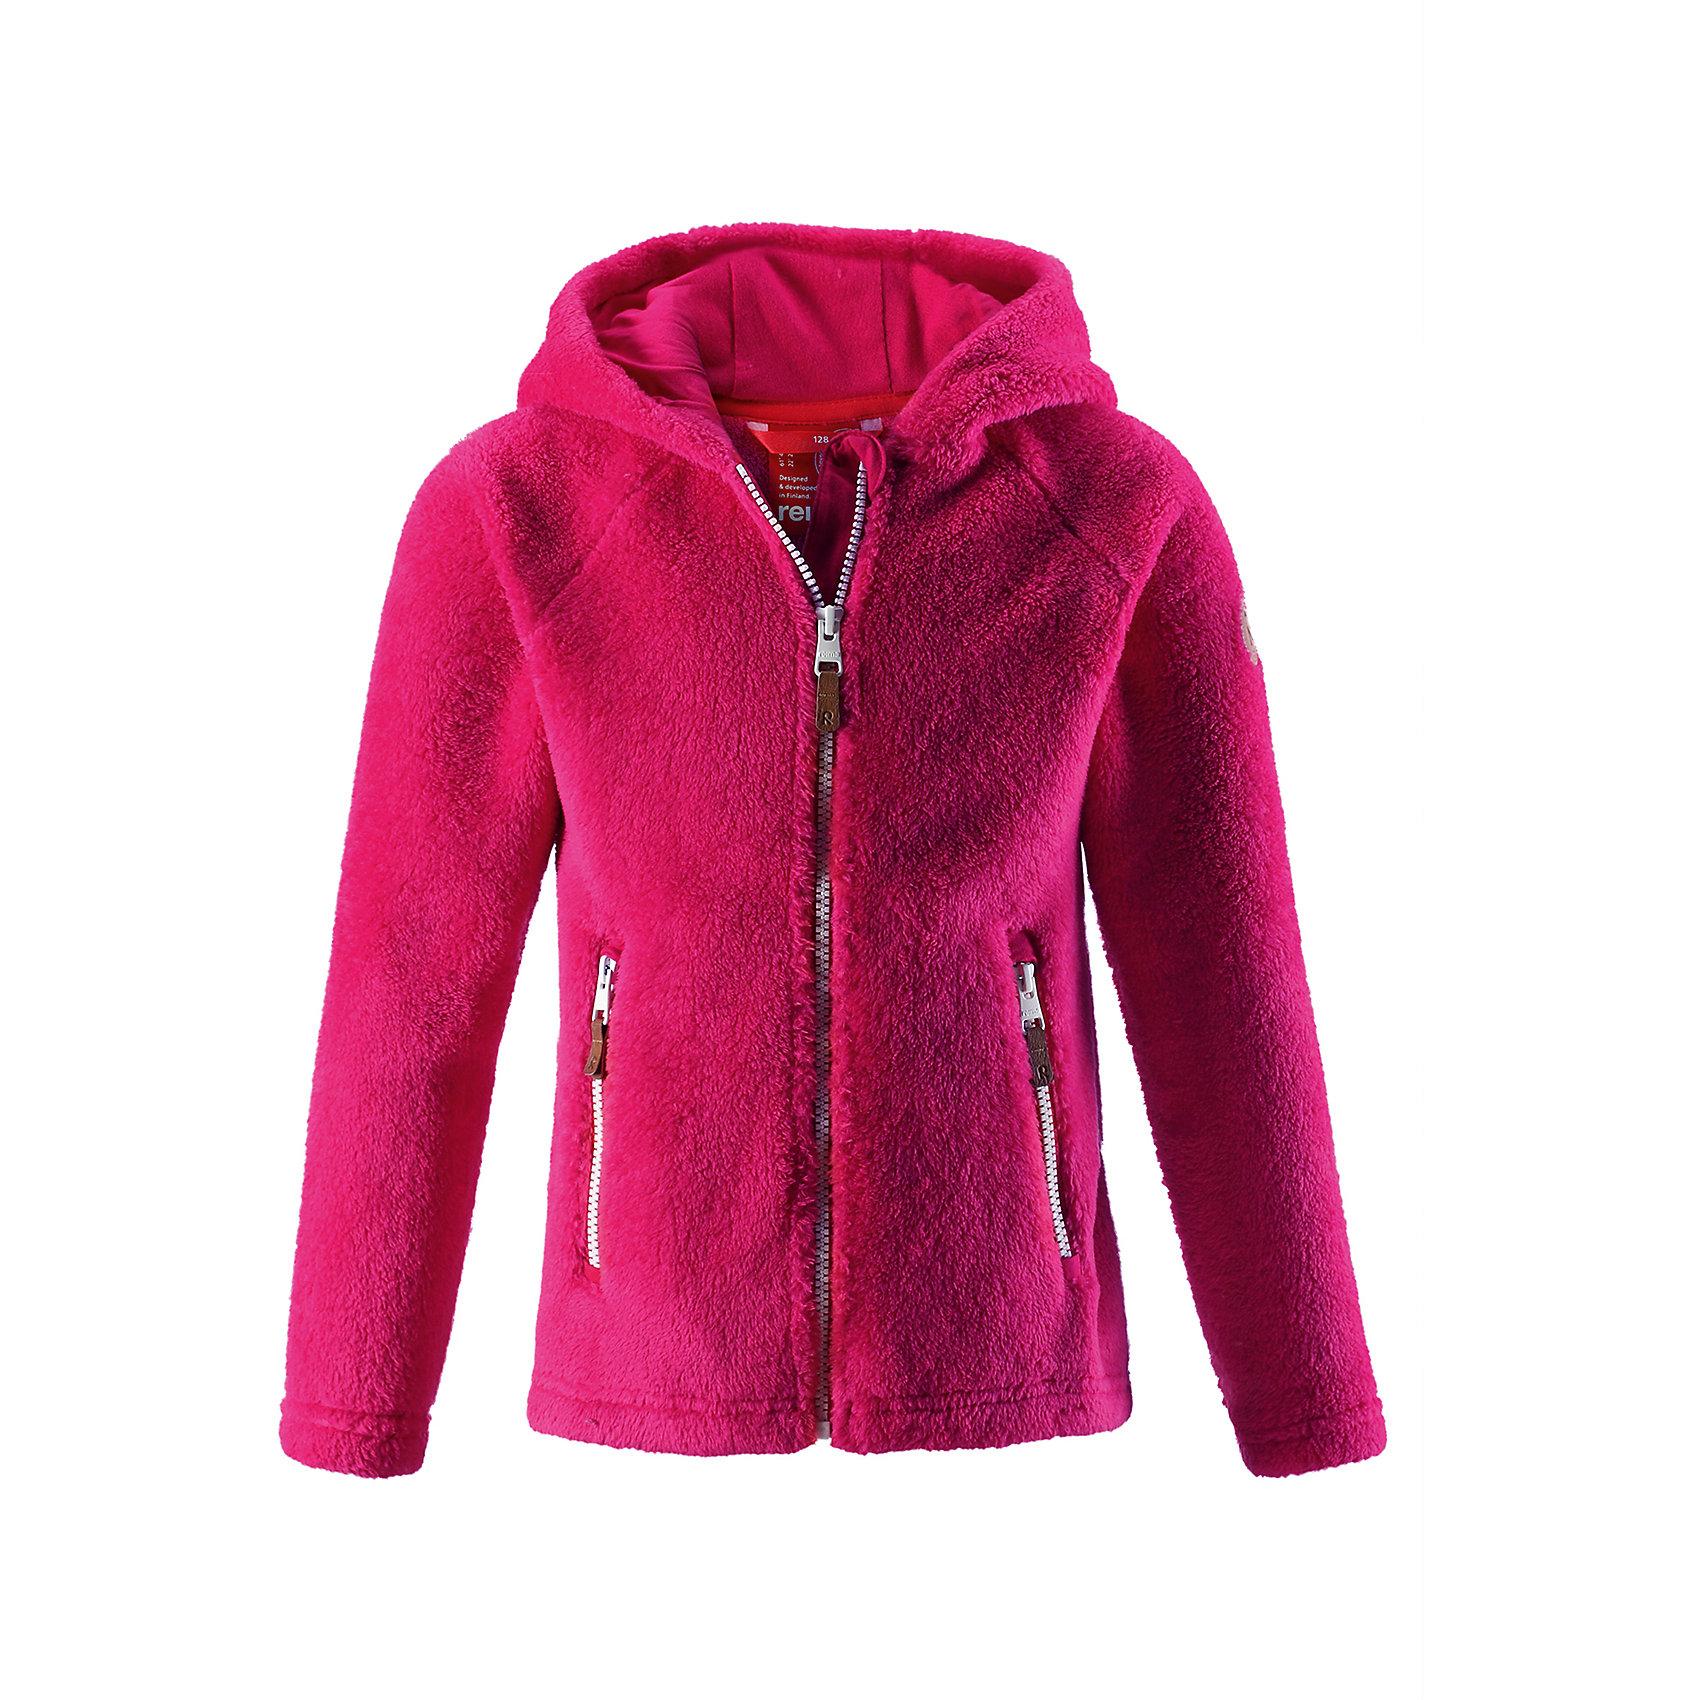 Флисовая кофта Reima Vilja для девочкиТолстовки<br>Характеристики товара:<br><br>• цвет: розовый;<br>• состав: 100% полиэстер, флис; <br>• сезон: демисезон;<br>• выводит влагу в верхние слои одежды;<br>• мягкий и удобный пушистый флис;<br>• регулируемый капюшон;<br>• резинка на талии и манжетах;<br>• молния по всей длине с защитой подбородка;<br>• два кармана на молнии;<br>• страна бренда: Финляндия;<br>• страна изготовитель: Китай;<br><br>Эта кофта для детей и подростков сшита из необыкновенно мягкого и пушистого флиса. Для пошива использован дышащий, эластичный и быстросохнущий материал с влагоотводящими свойствами. Облегающий капюшон и молния во всю длину со вставкой для защиты подбородка. Все ценные сокровища будут надежно спрятаны в двух карманах на молнии. Невероятно удобная и универсальная кофта, которую можно носить круглый год. <br><br>Флисовую кофту Reima Vilja для девочки (Рейма) можно купить в нашем интернет-магазине.<br><br>Ширина мм: 190<br>Глубина мм: 74<br>Высота мм: 229<br>Вес г: 236<br>Цвет: розовый<br>Возраст от месяцев: 156<br>Возраст до месяцев: 168<br>Пол: Женский<br>Возраст: Детский<br>Размер: 164,158,104,110,116,122,128,134,140,146,152<br>SKU: 6904654